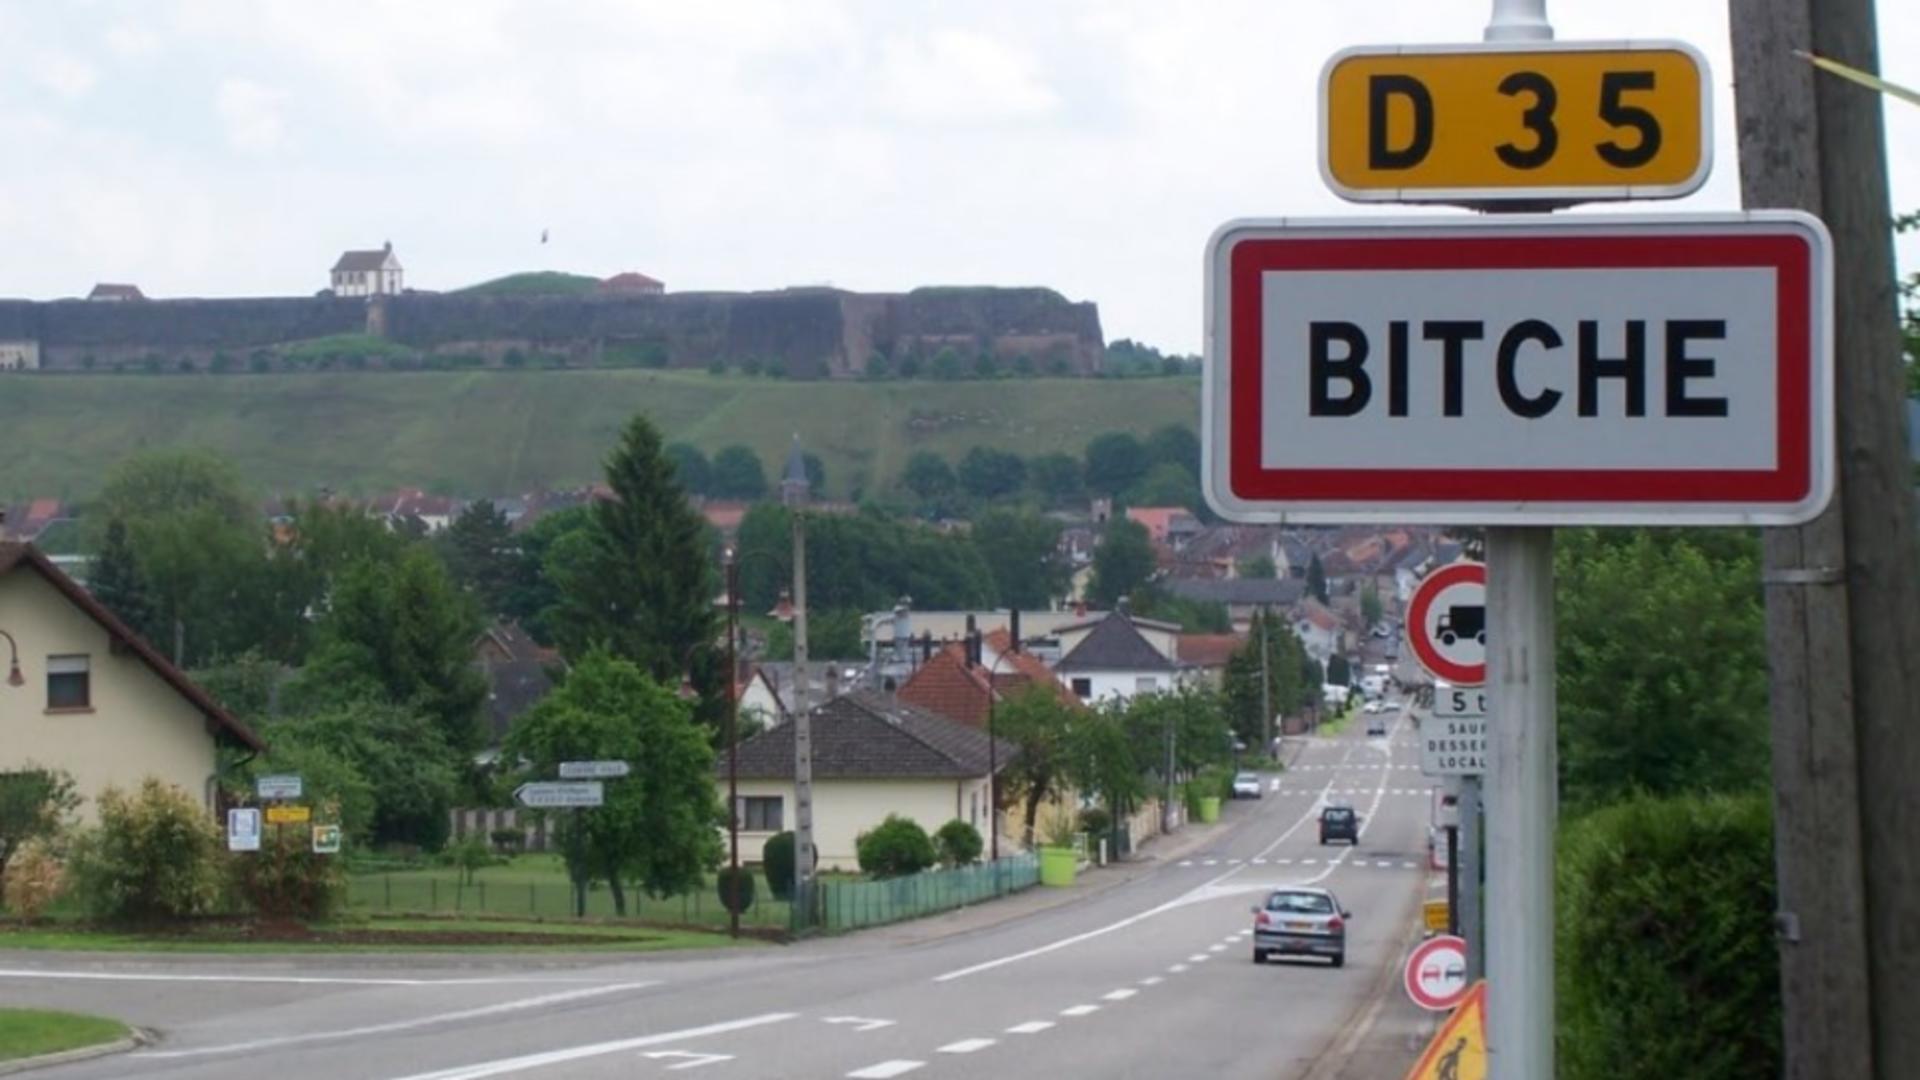 Un oraș francez cu nume de insultă în limba engleza